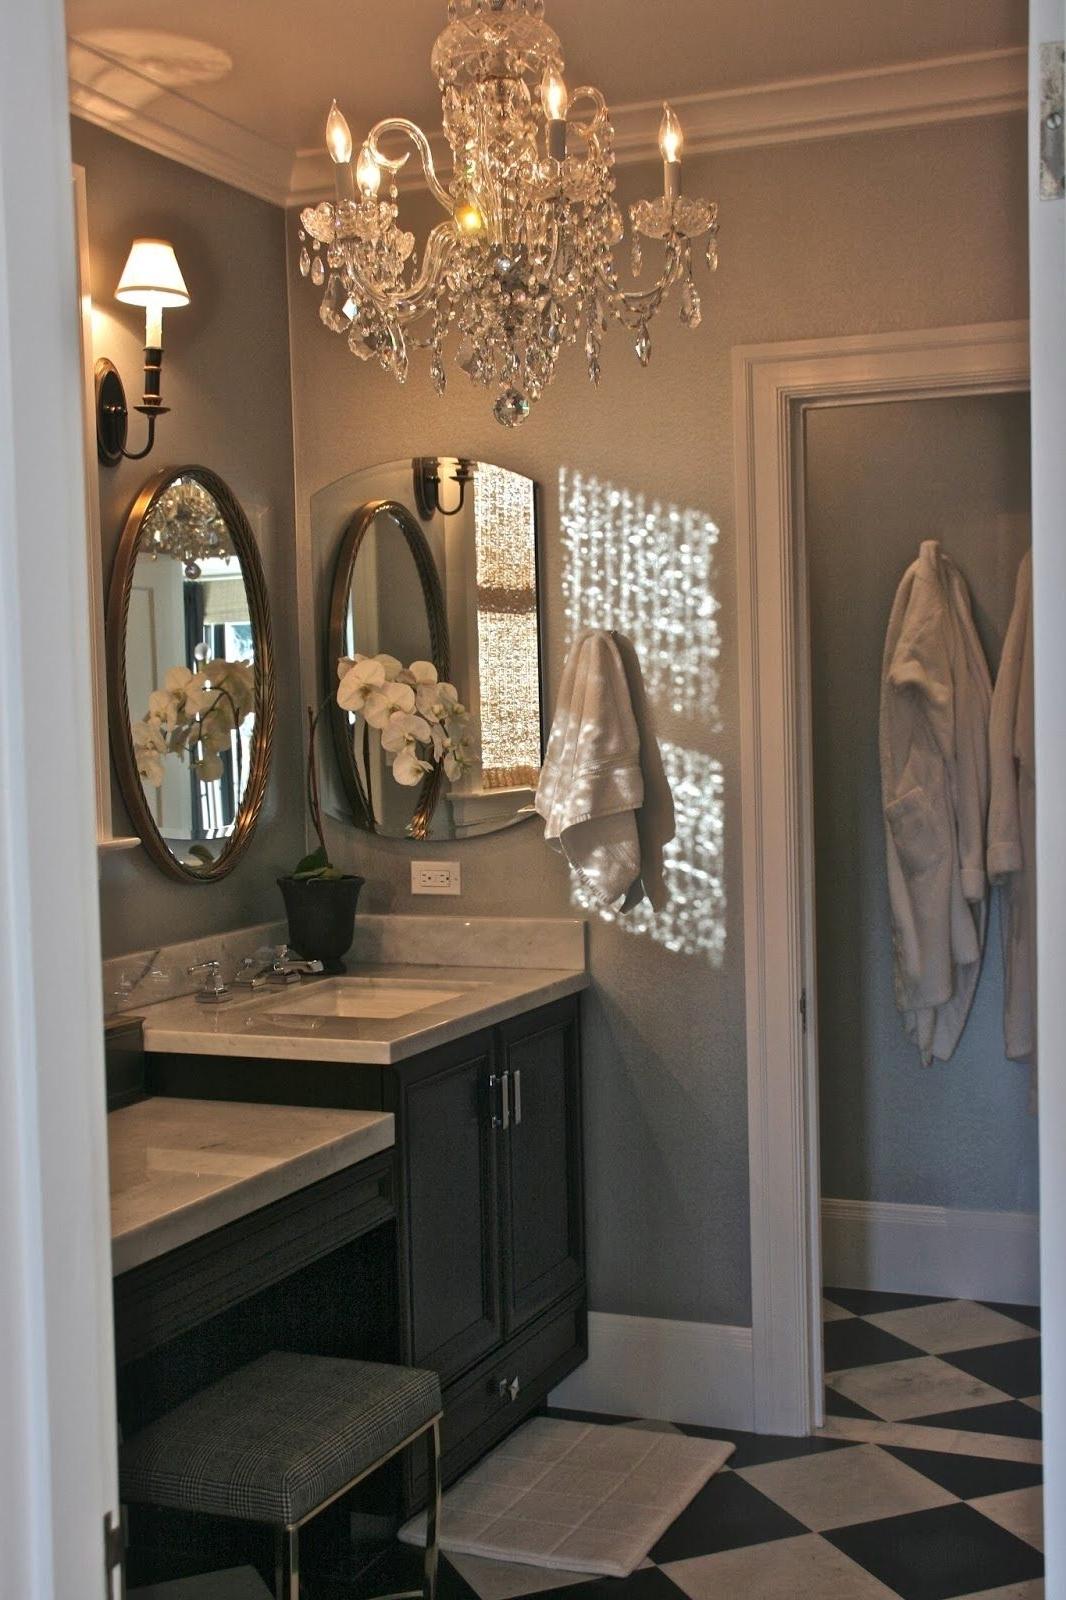 Chandelier Bathroom Lighting Fixtures Throughout Favorite Elegant Retreat. .  (View 16 of 20)